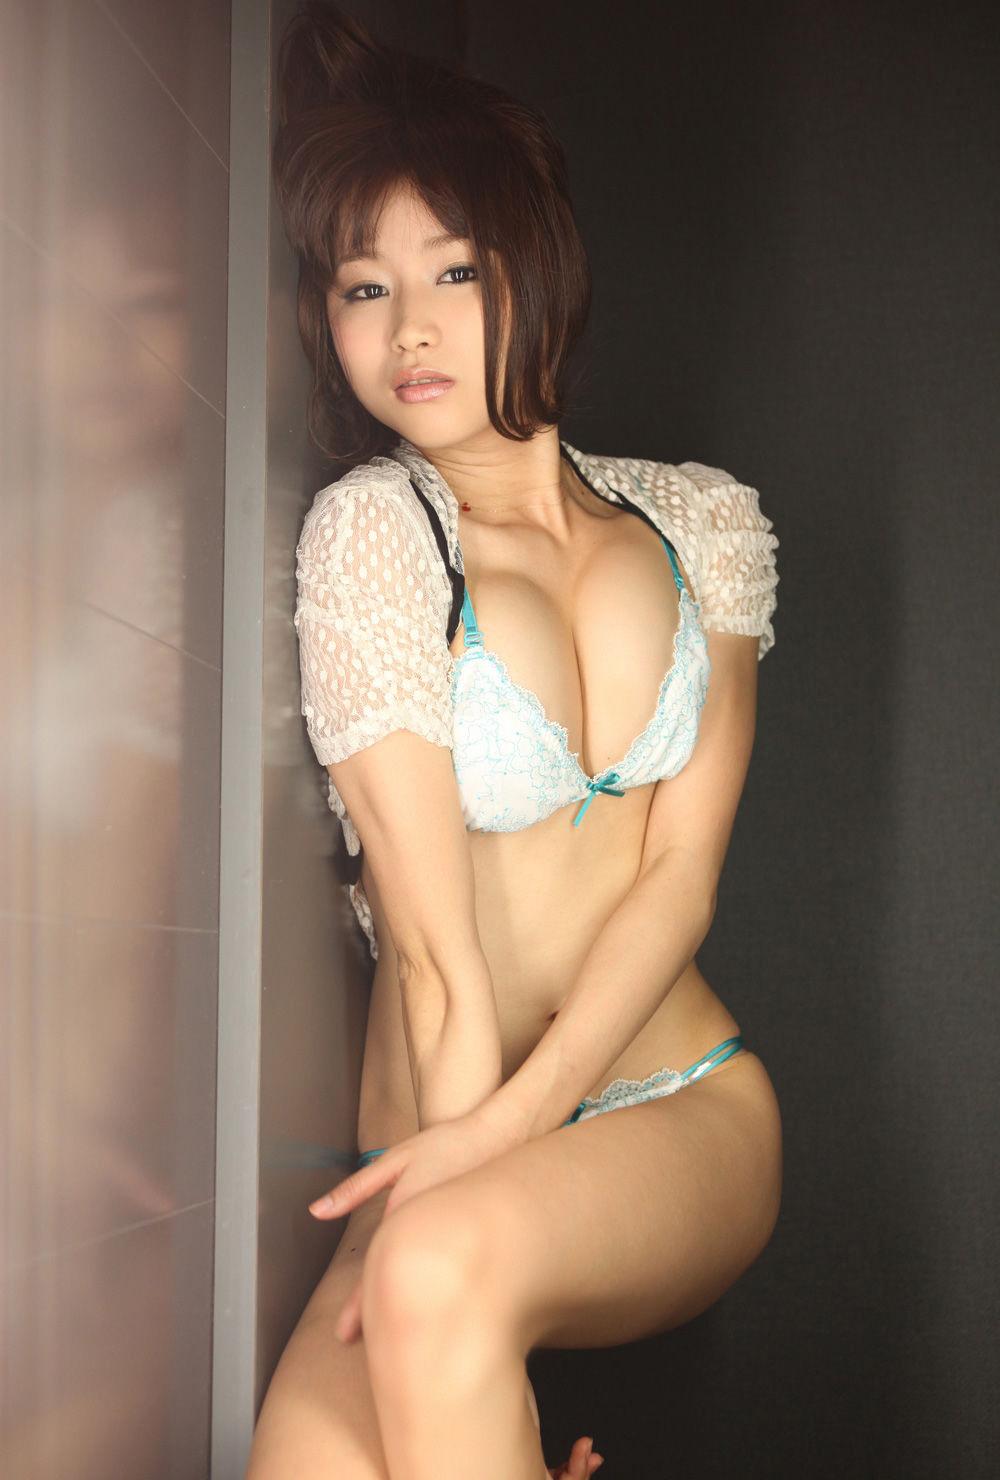 青島あきな 画像 39